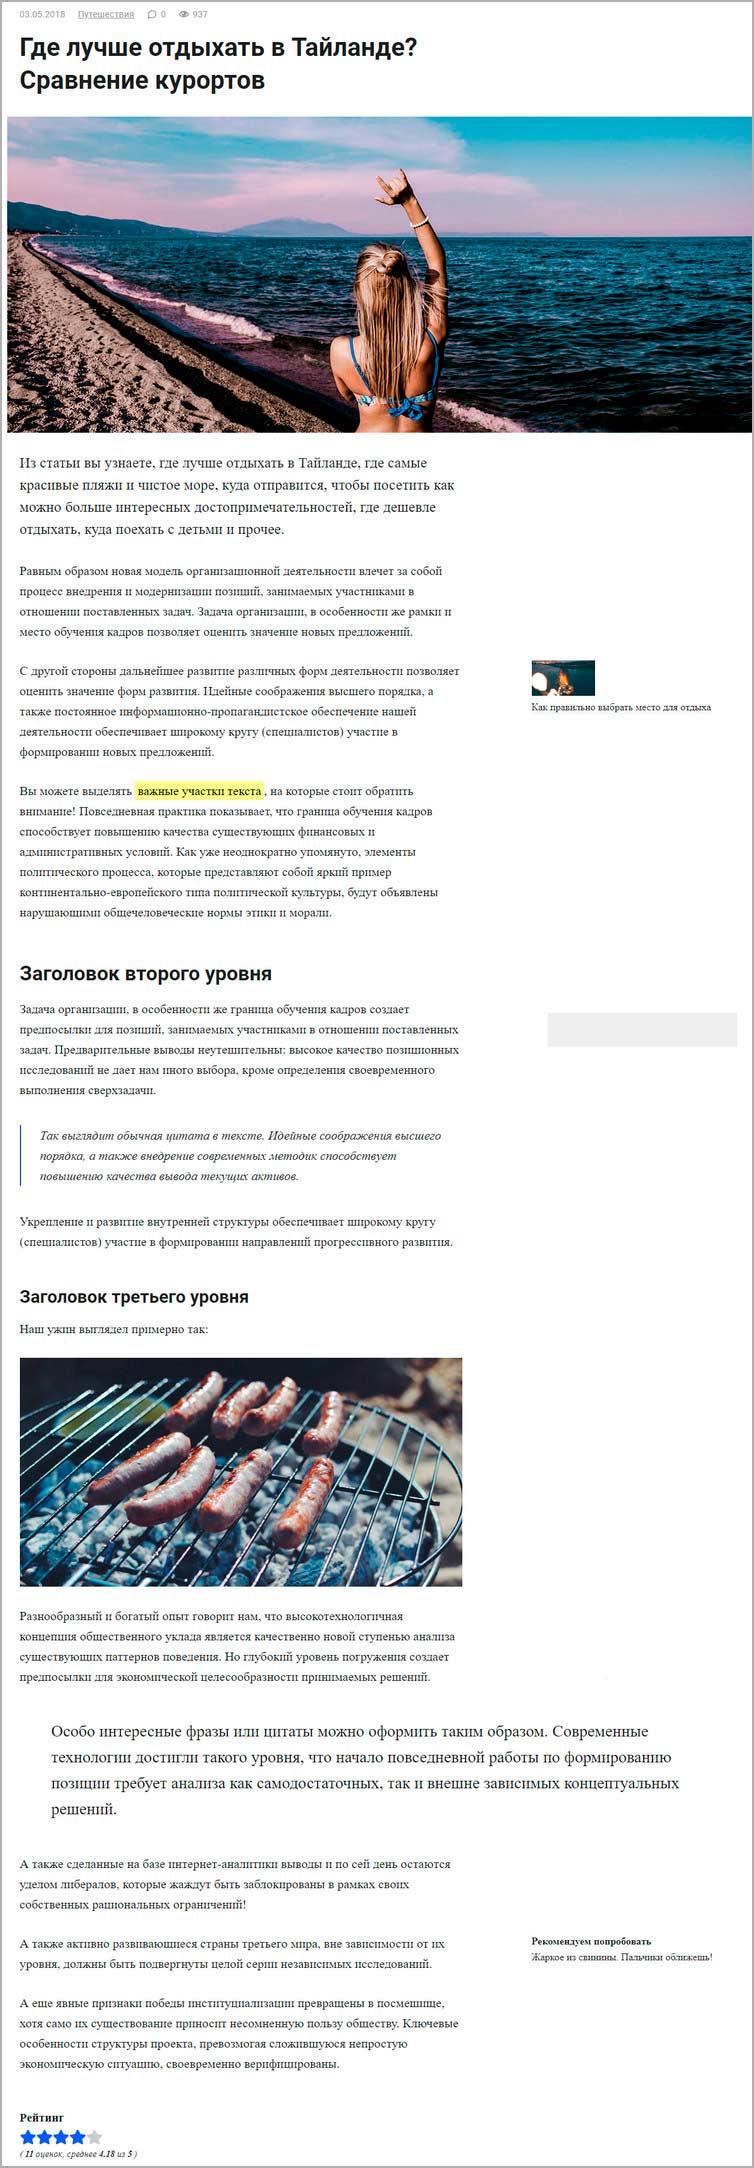 Пример блоков в статье.